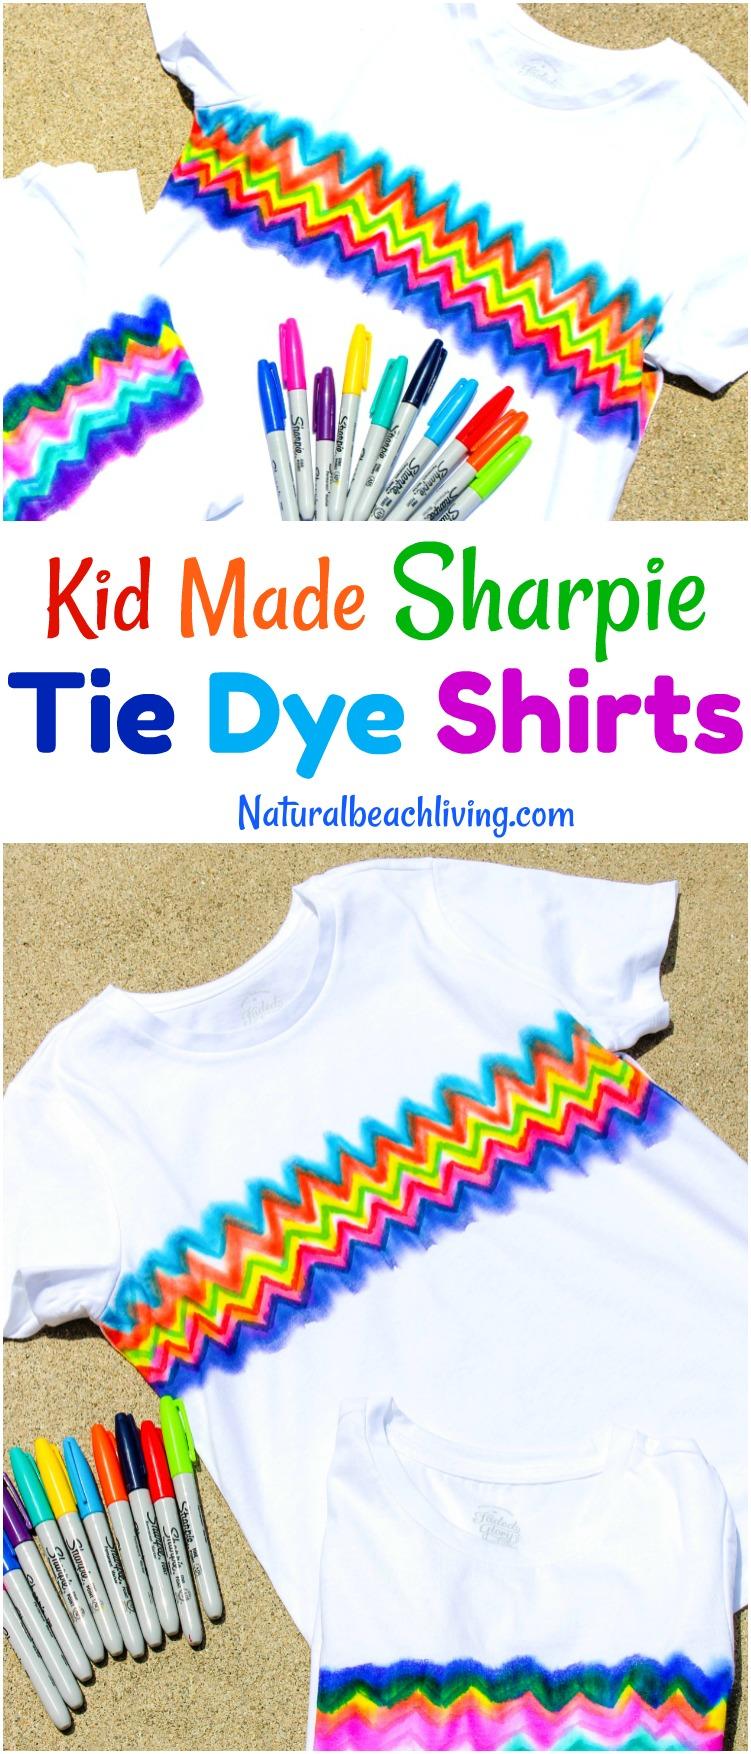 Learn How to Make Super Cool Sharpie Tie Dye Shirts, Tie Dye Craft, Kid Made Gifts, Summer Crafts for kids, Sharpie Art Ideas, Sharpie dyeing, Kid art, Sharpie Crafts